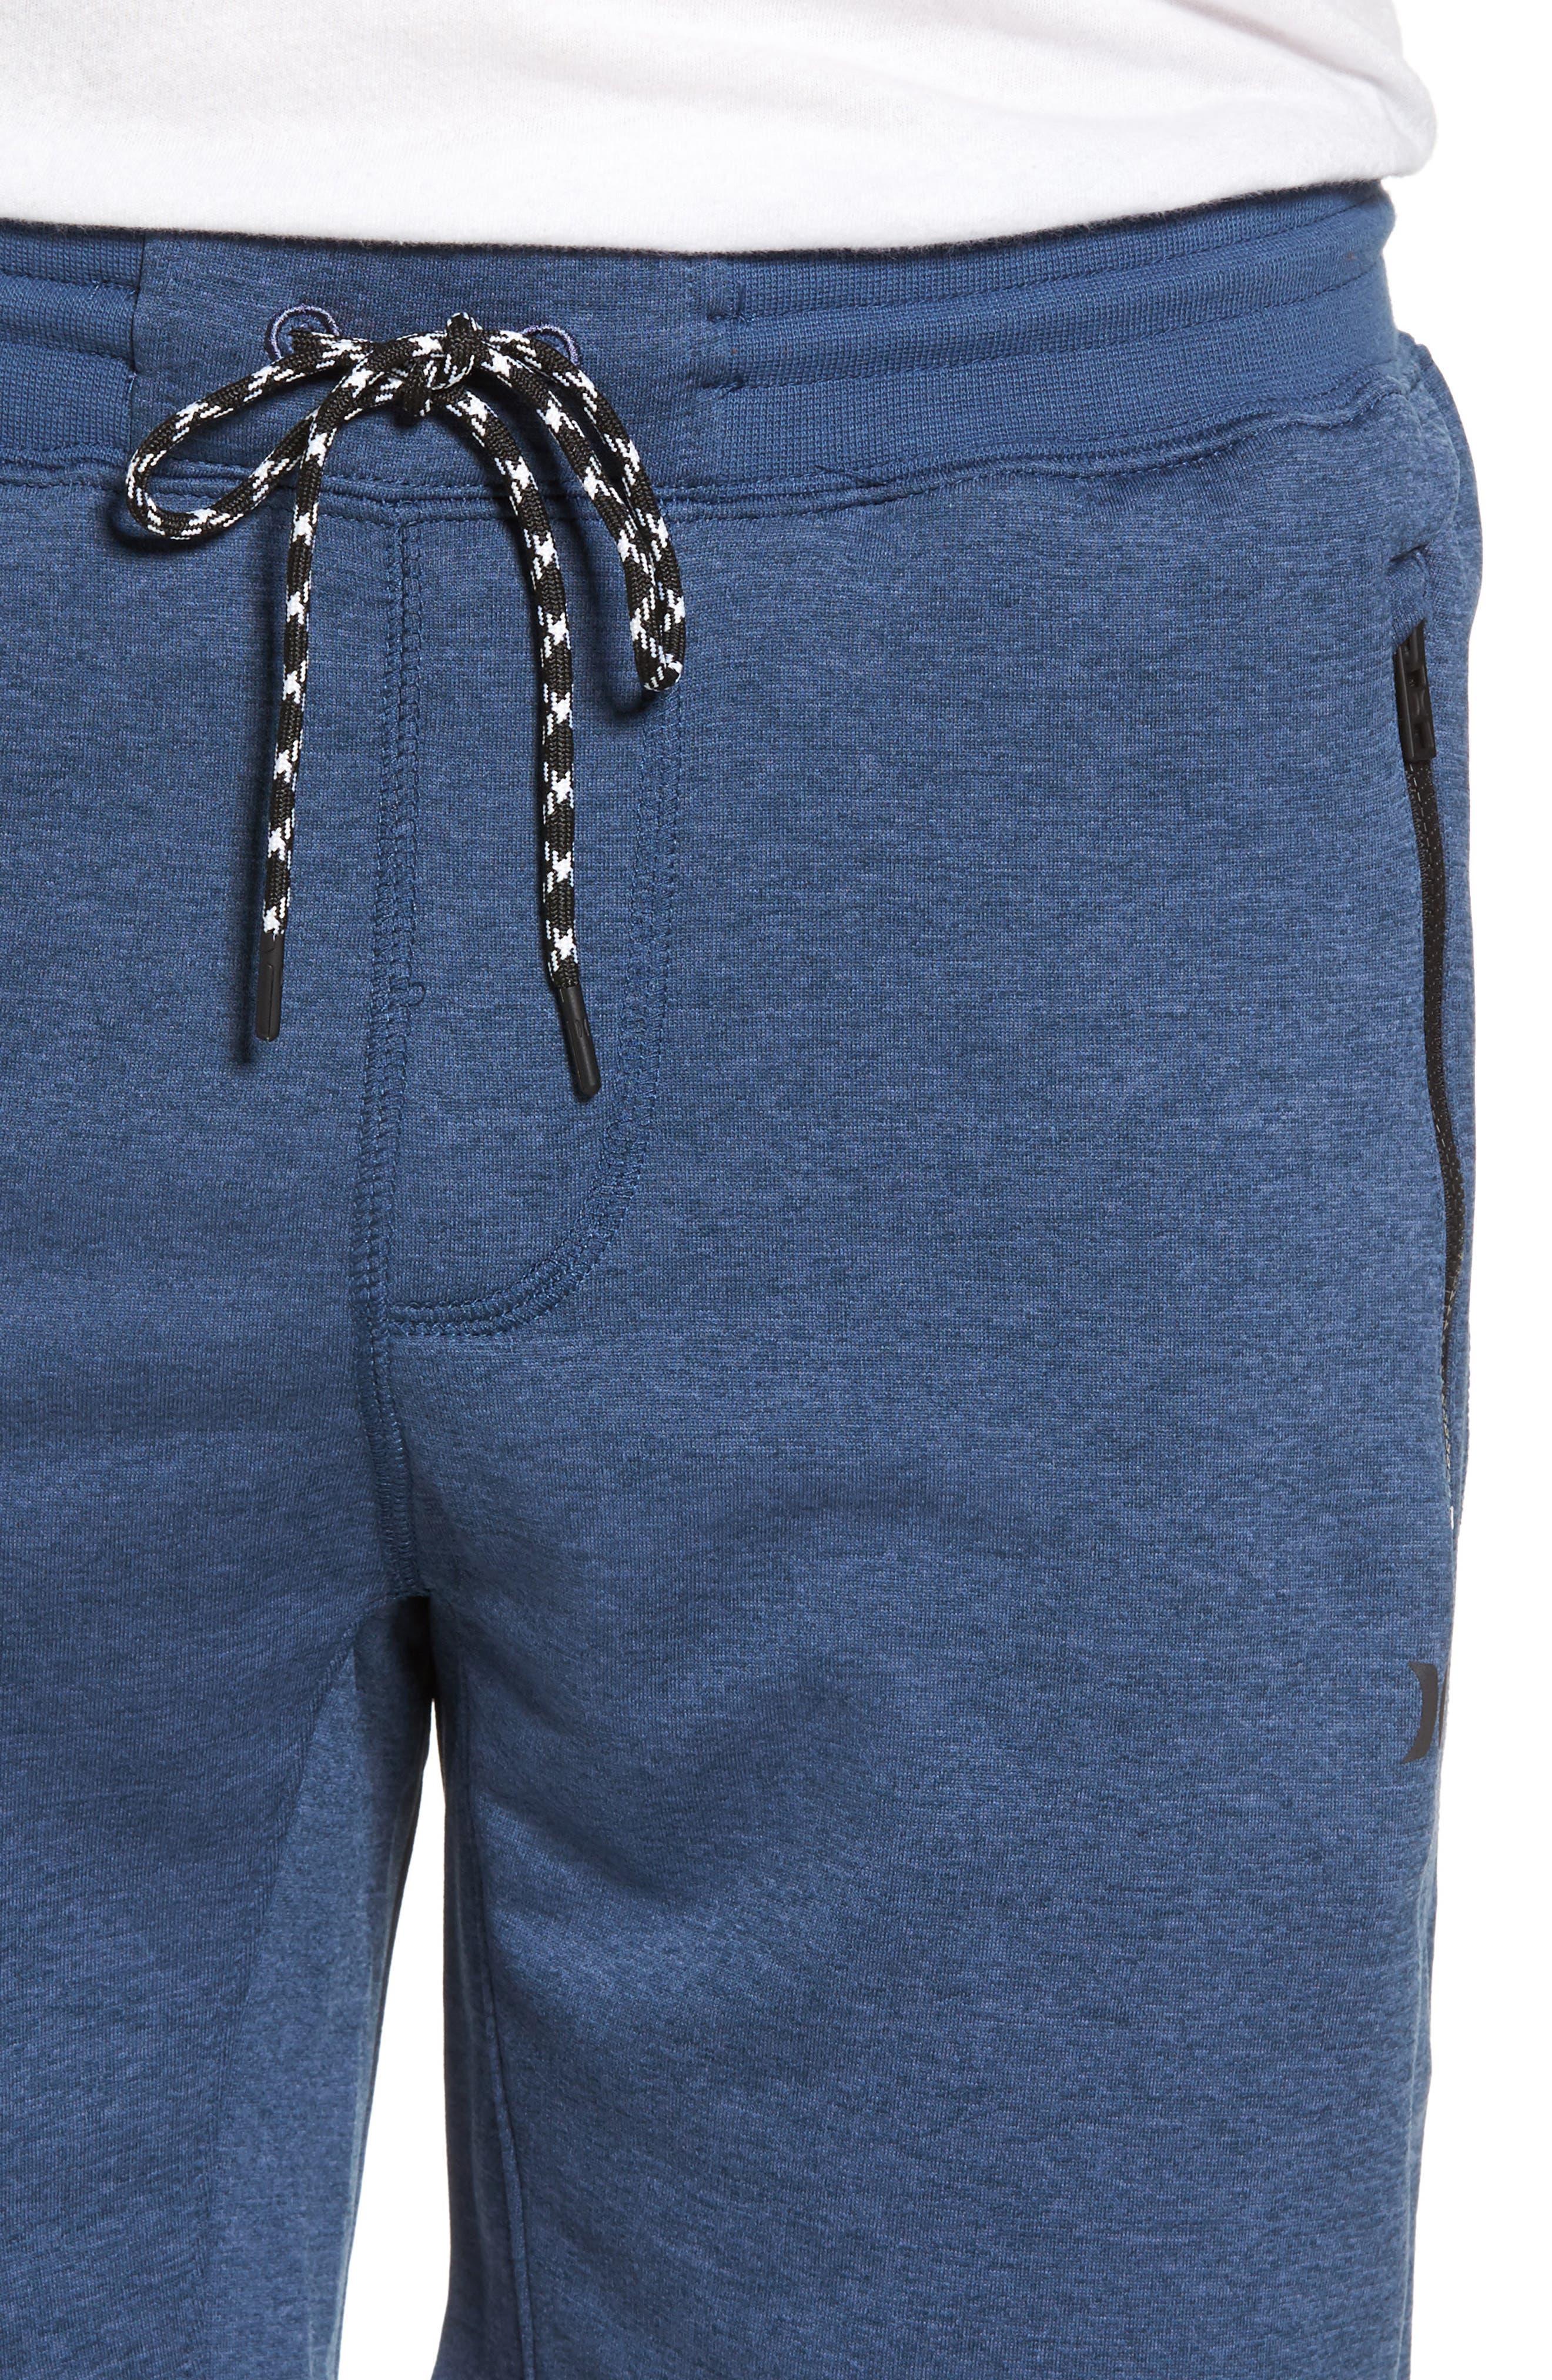 Dri-FIT Solar Shorts,                             Alternate thumbnail 4, color,                             Squadron Blue